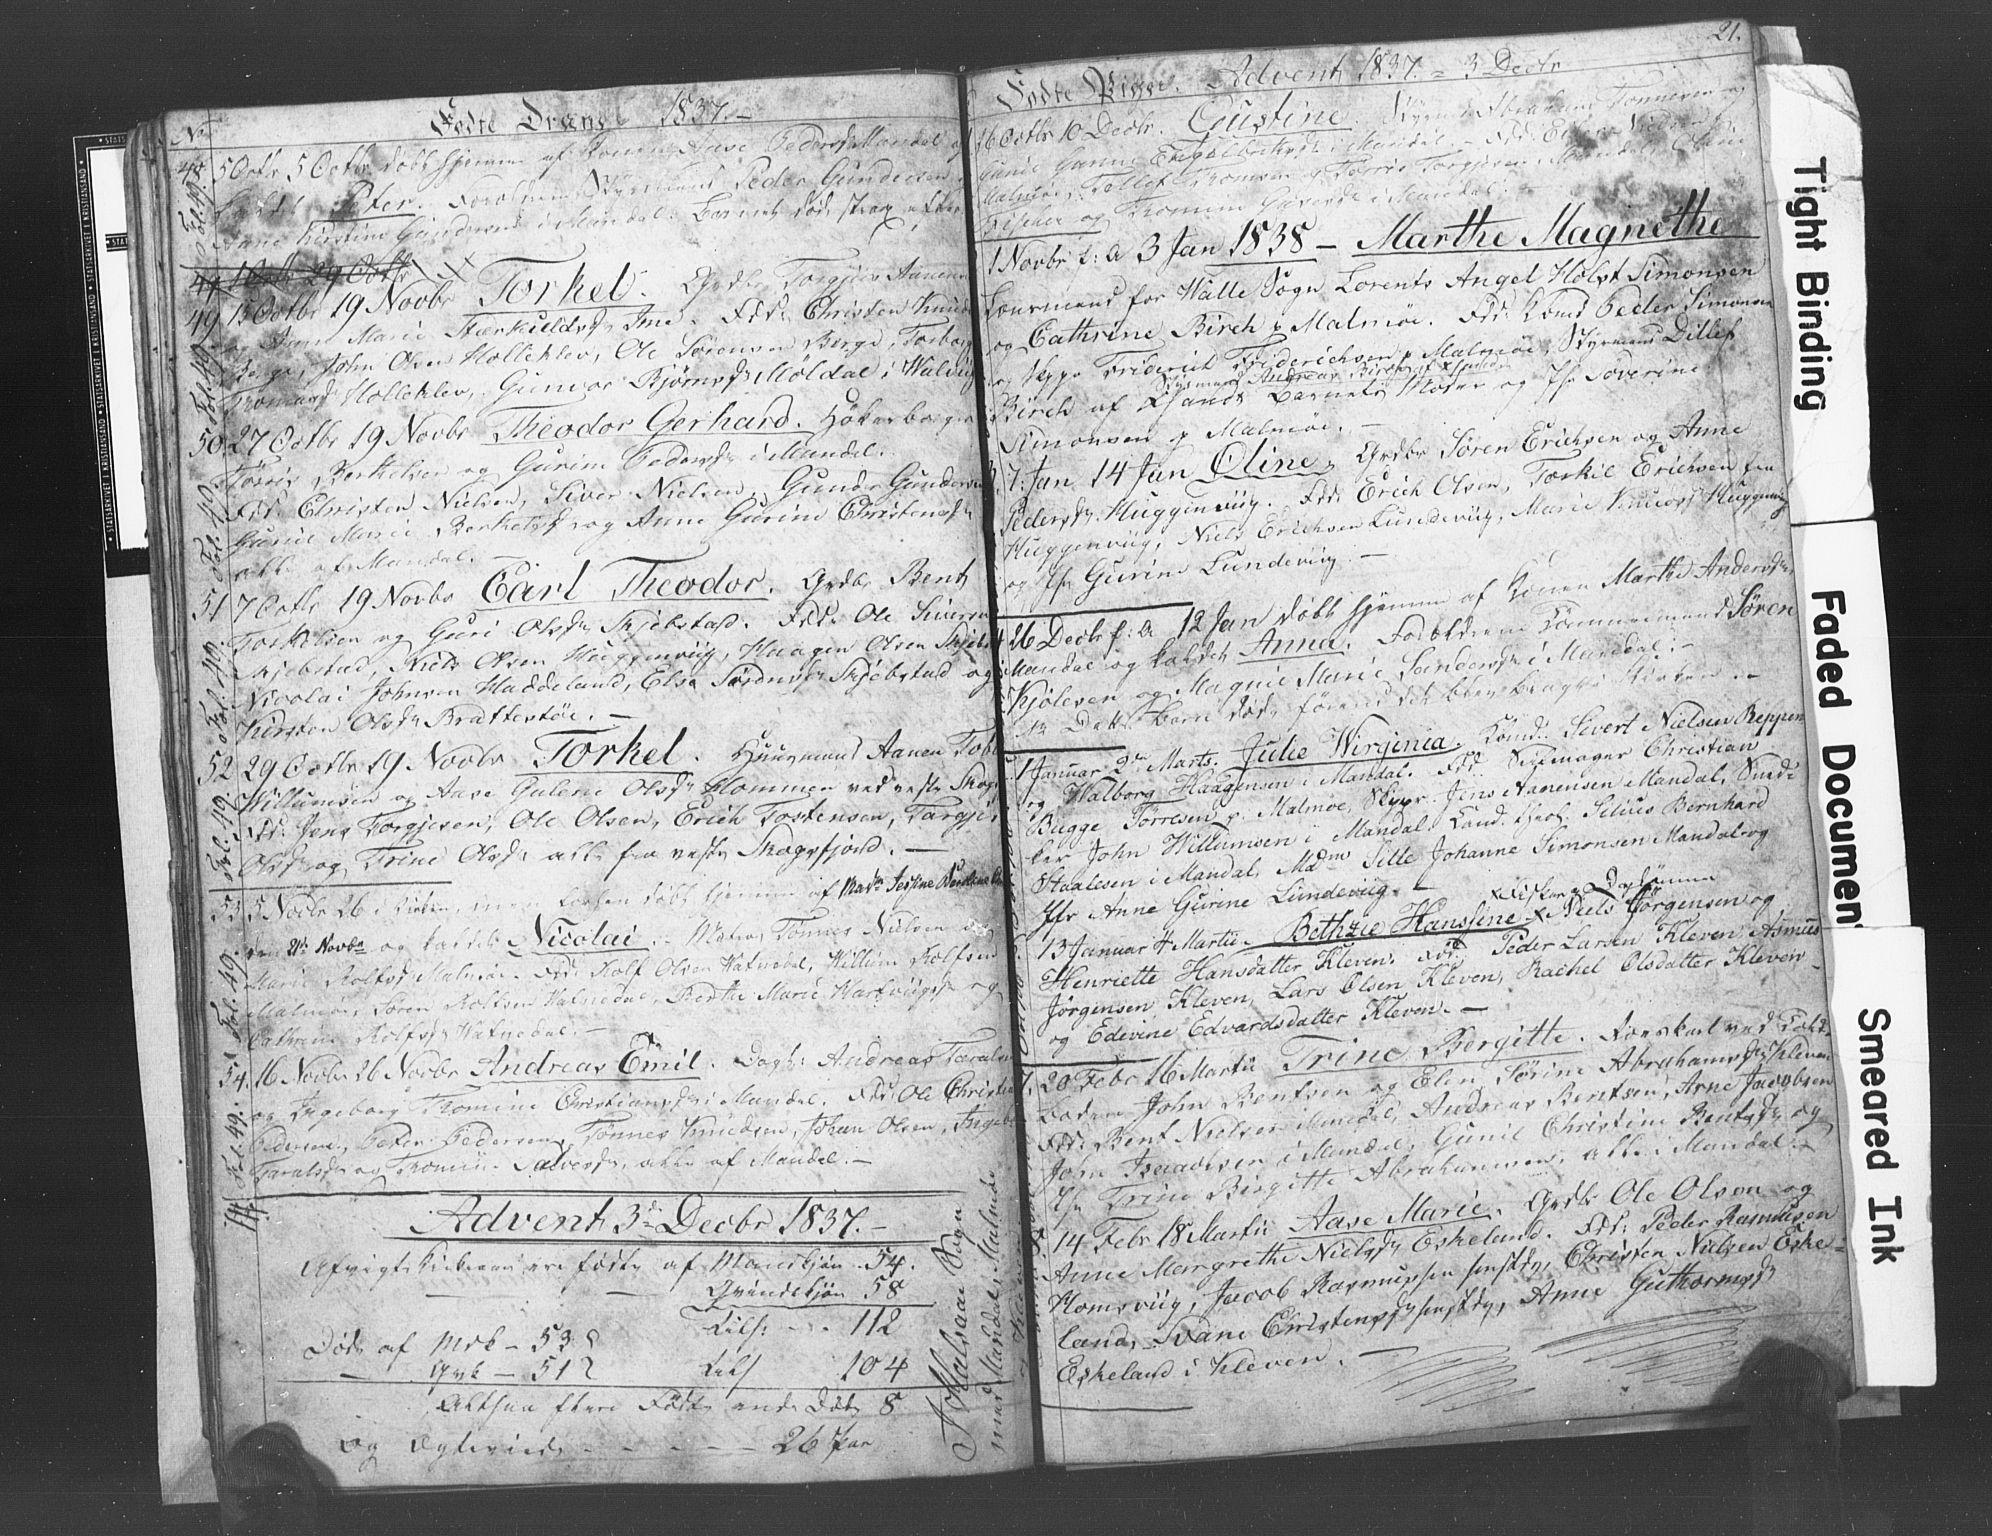 SAK, Mandal sokneprestkontor, F/Fb/Fba/L0003: Klokkerbok nr. B 1C, 1834-1838, s. 21